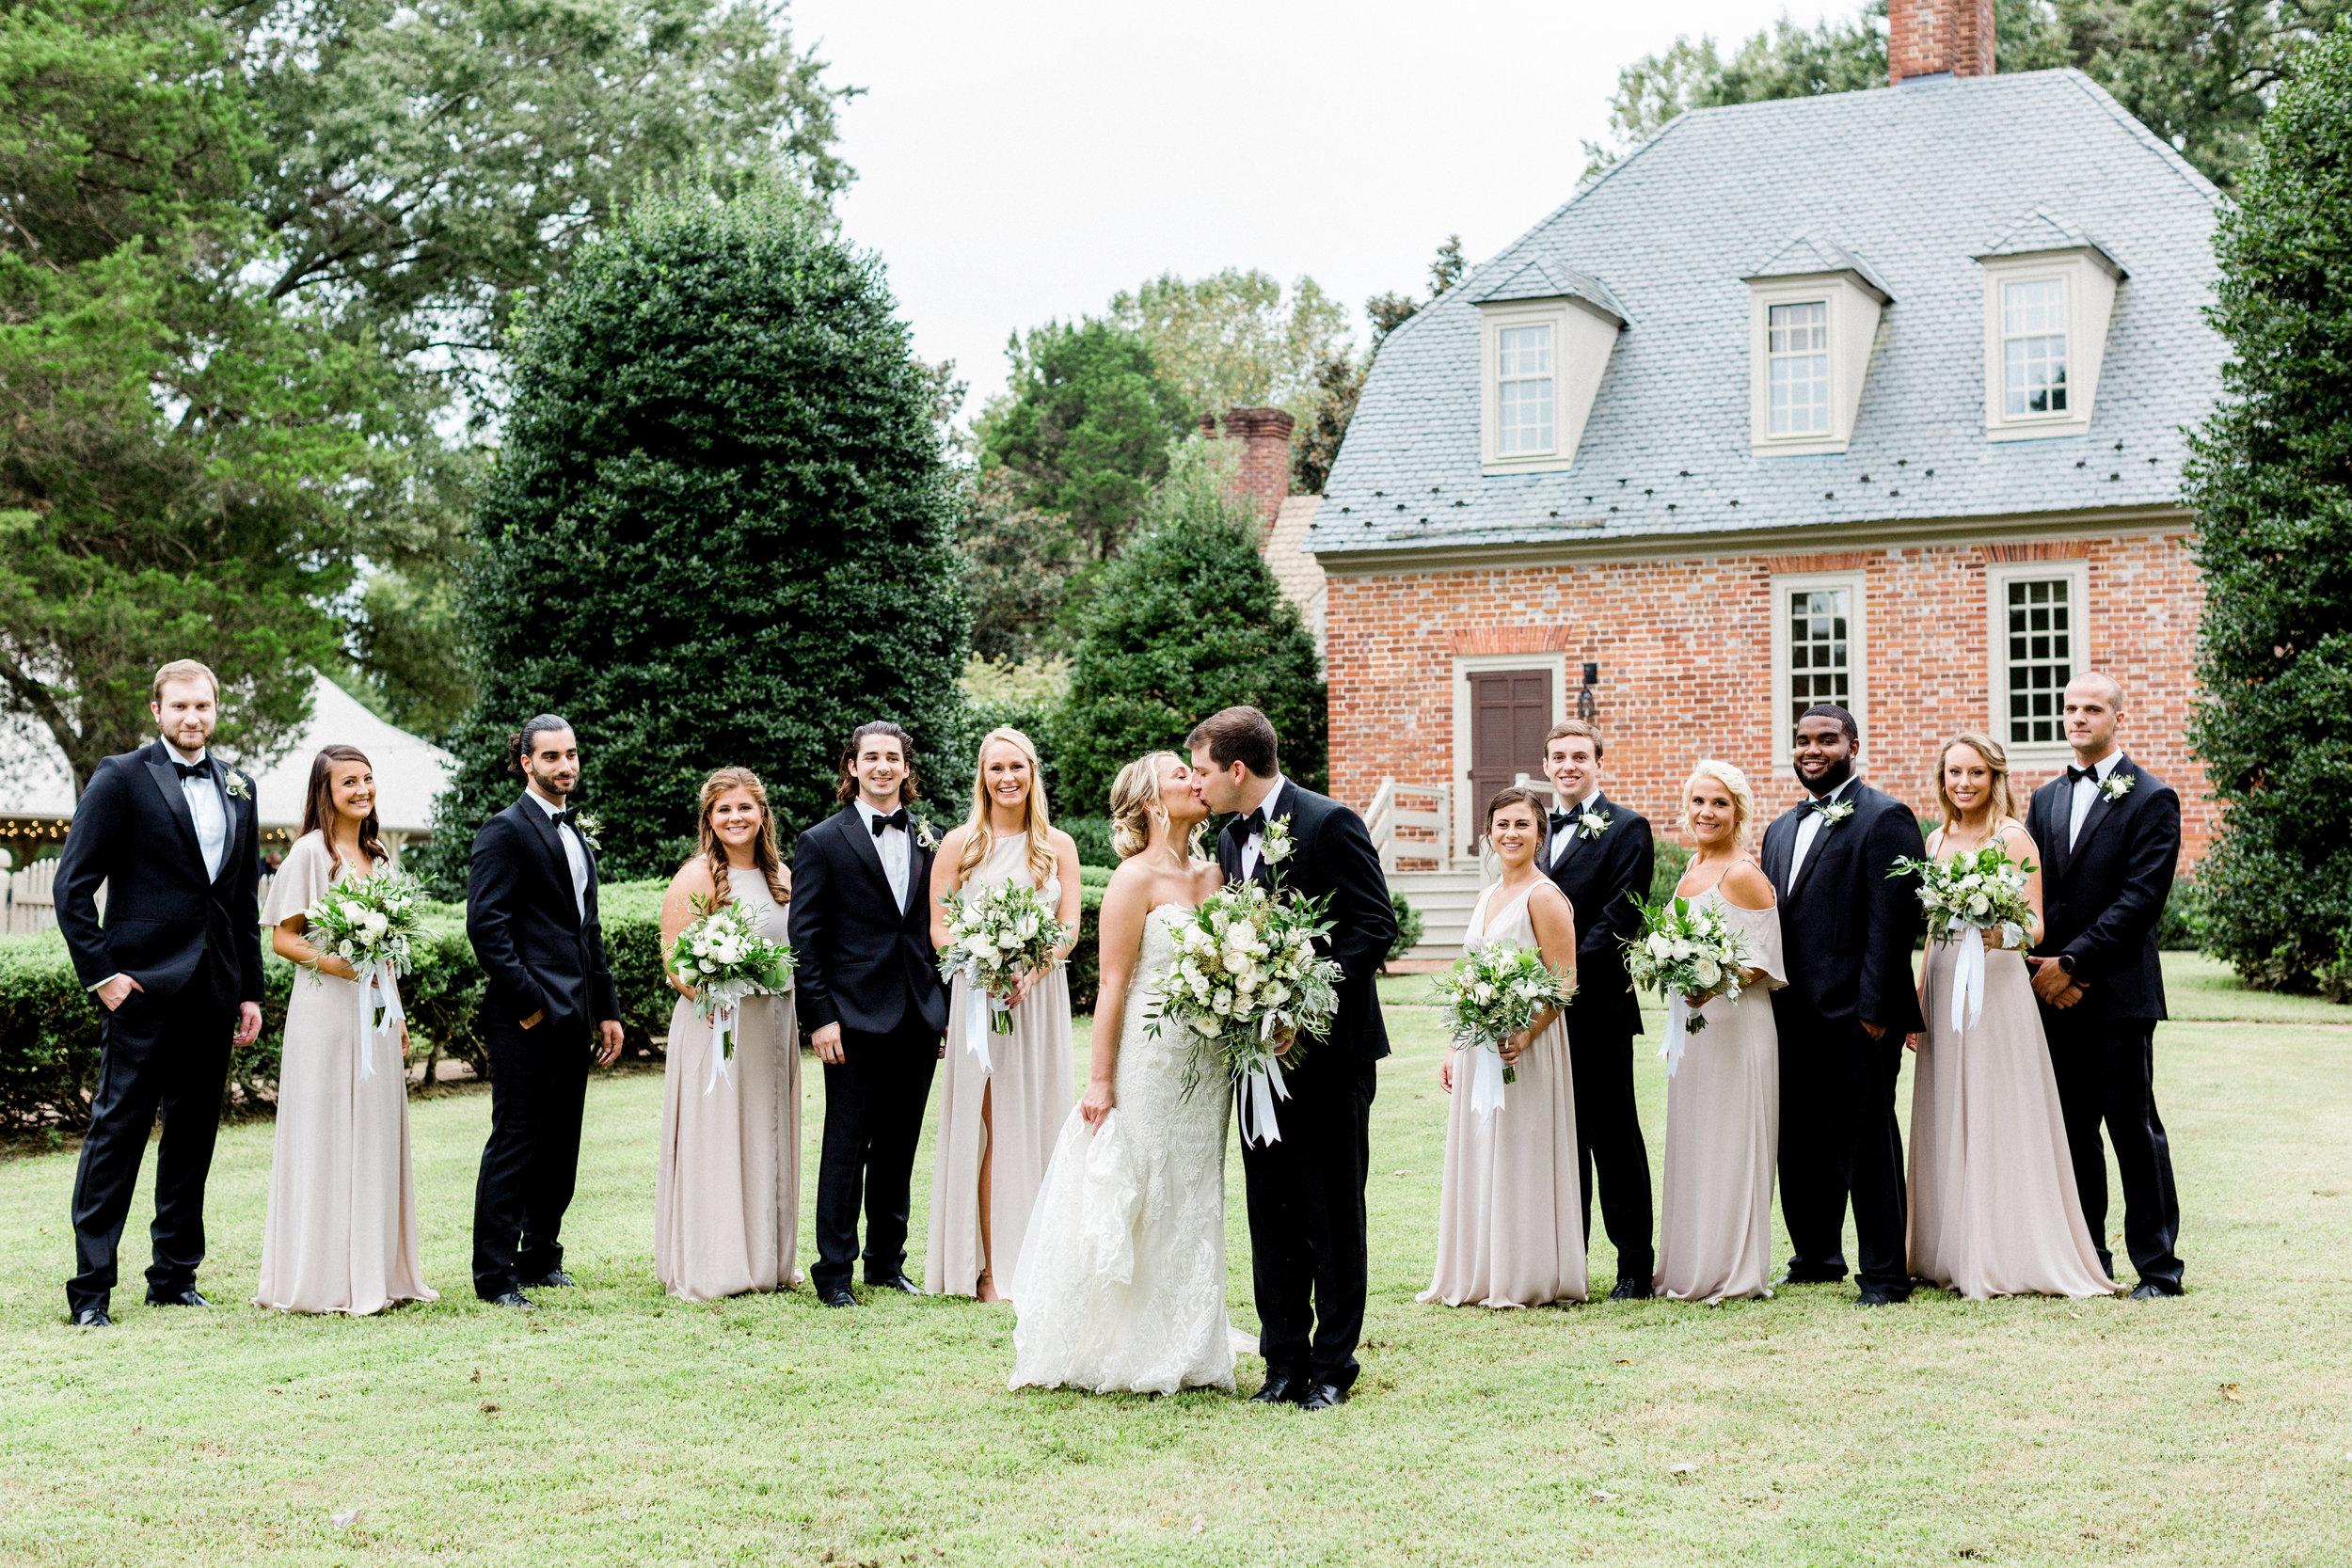 MeganMichael_WeddingParty_AmyNicolePhotography025.jpg